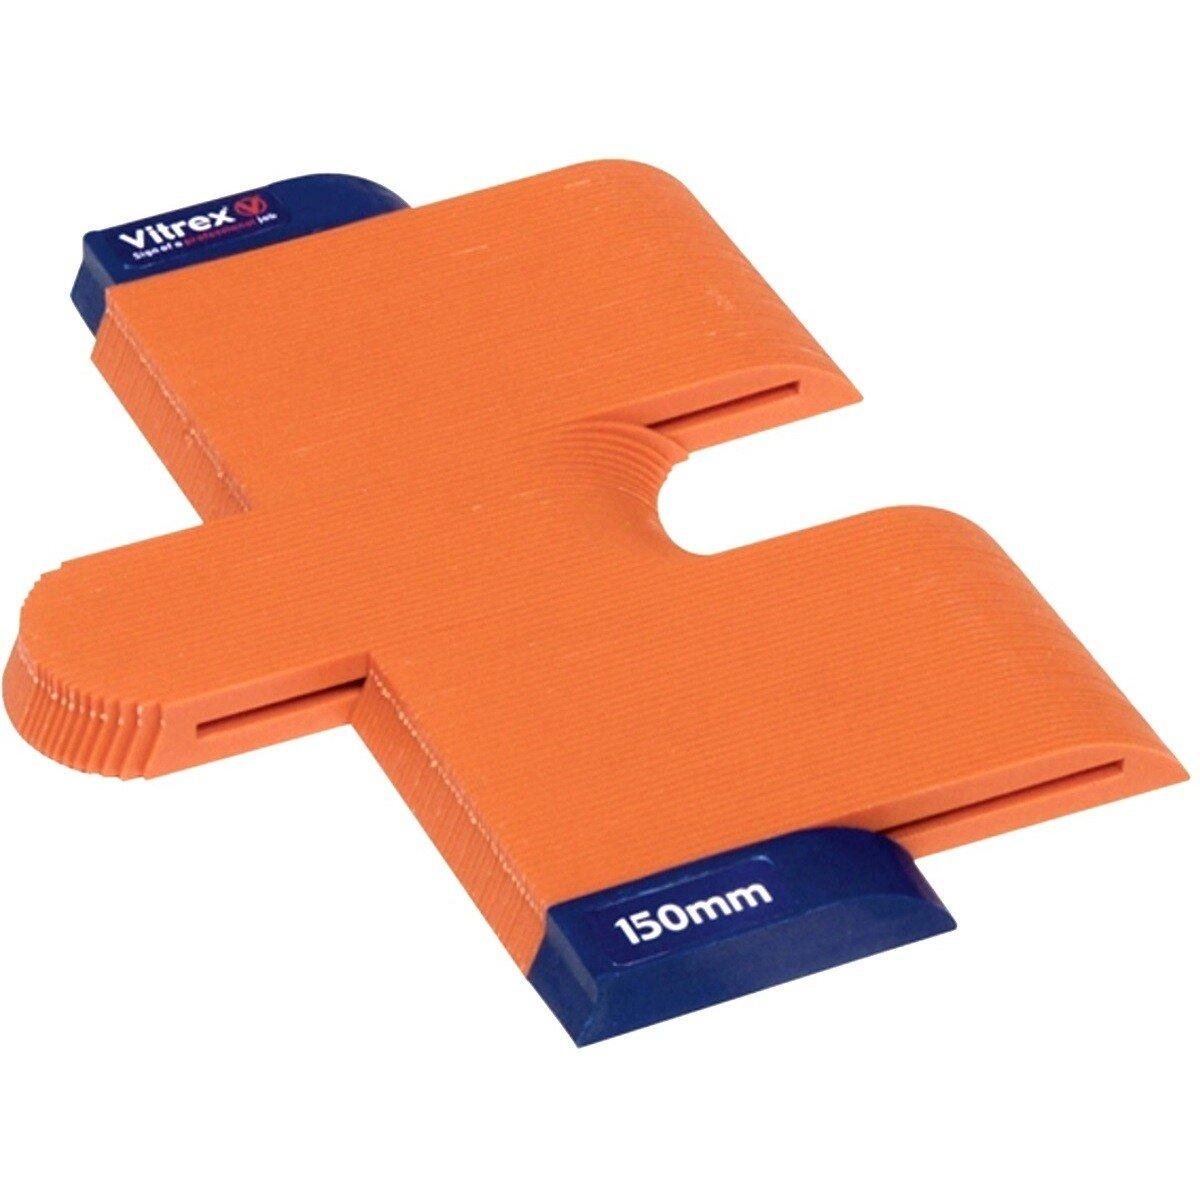 Vinyl Flooring Contractors Northern Ireland: Vitrex 101030 Tile Profile Gauge 140mm VIT101030 From